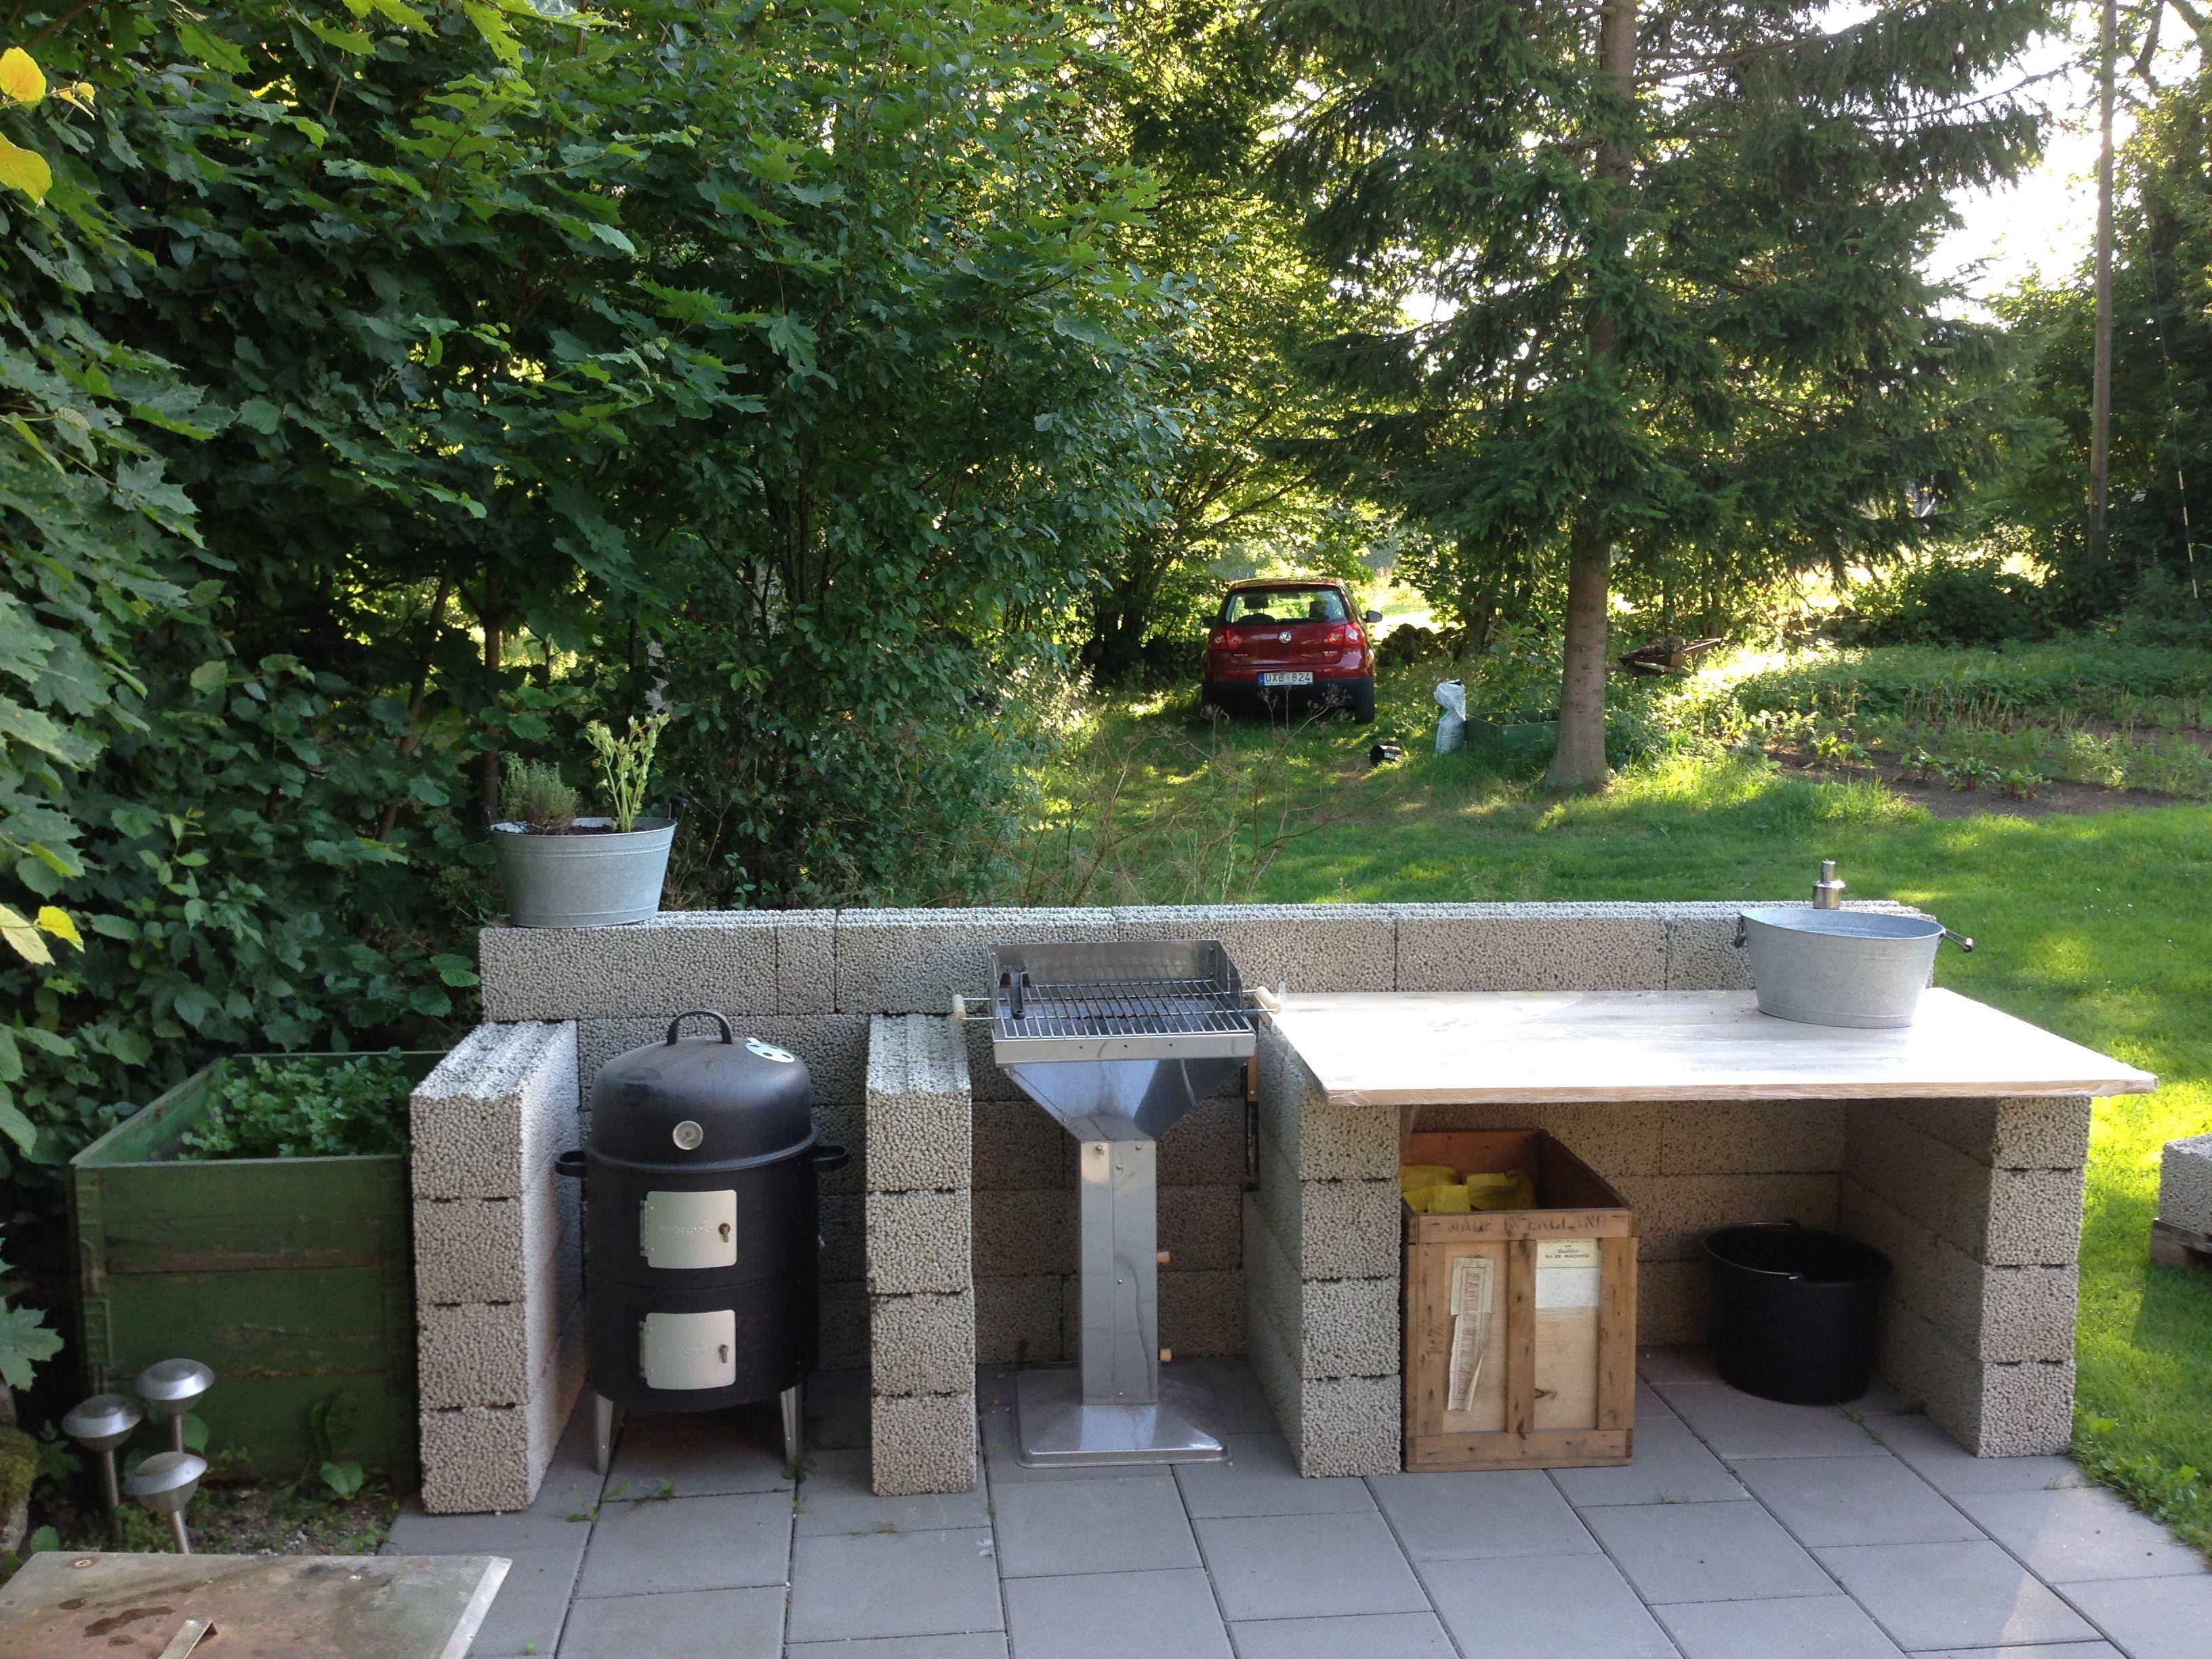 utek k lecablock s k p google kochen im freien pinterest grillen und g rten. Black Bedroom Furniture Sets. Home Design Ideas